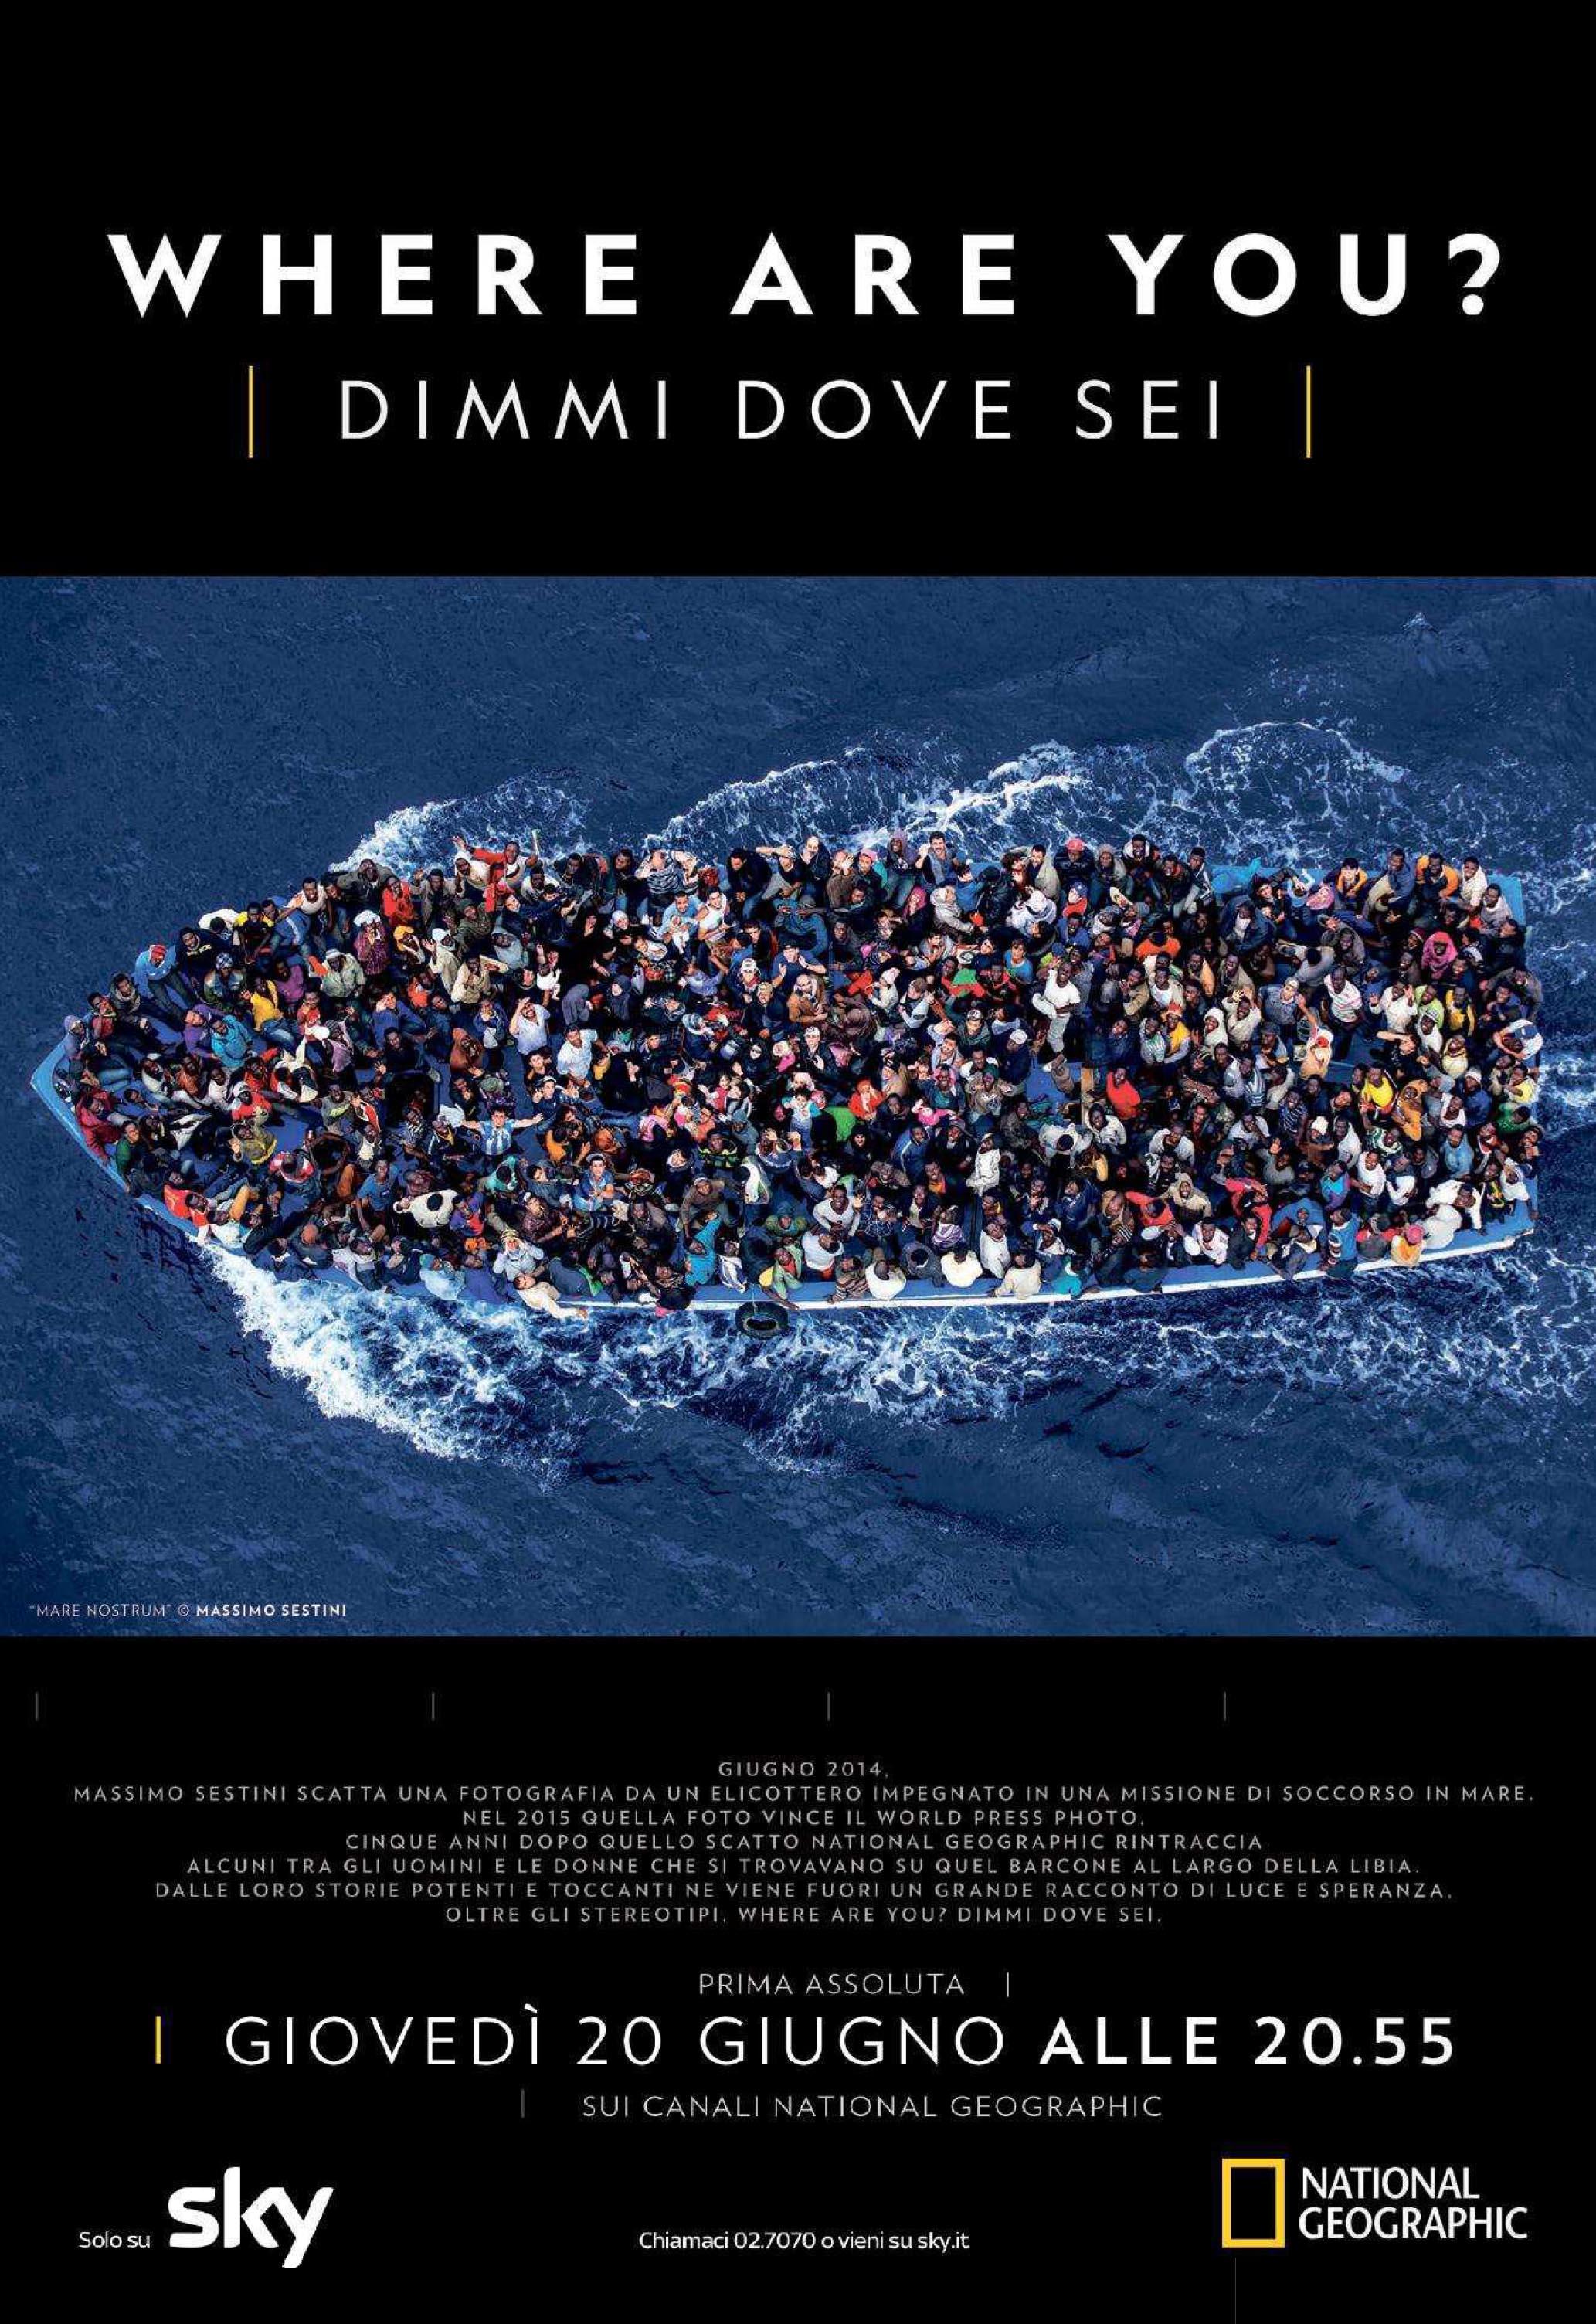 """Prima TV """"Where Are You- Dimmi Dove Sei"""" su National Geographic Channel giovedì20 giugno 2019, ore 20:55. Regia di Jesus Garcés Lambert. Musica Massimo Nunzi"""